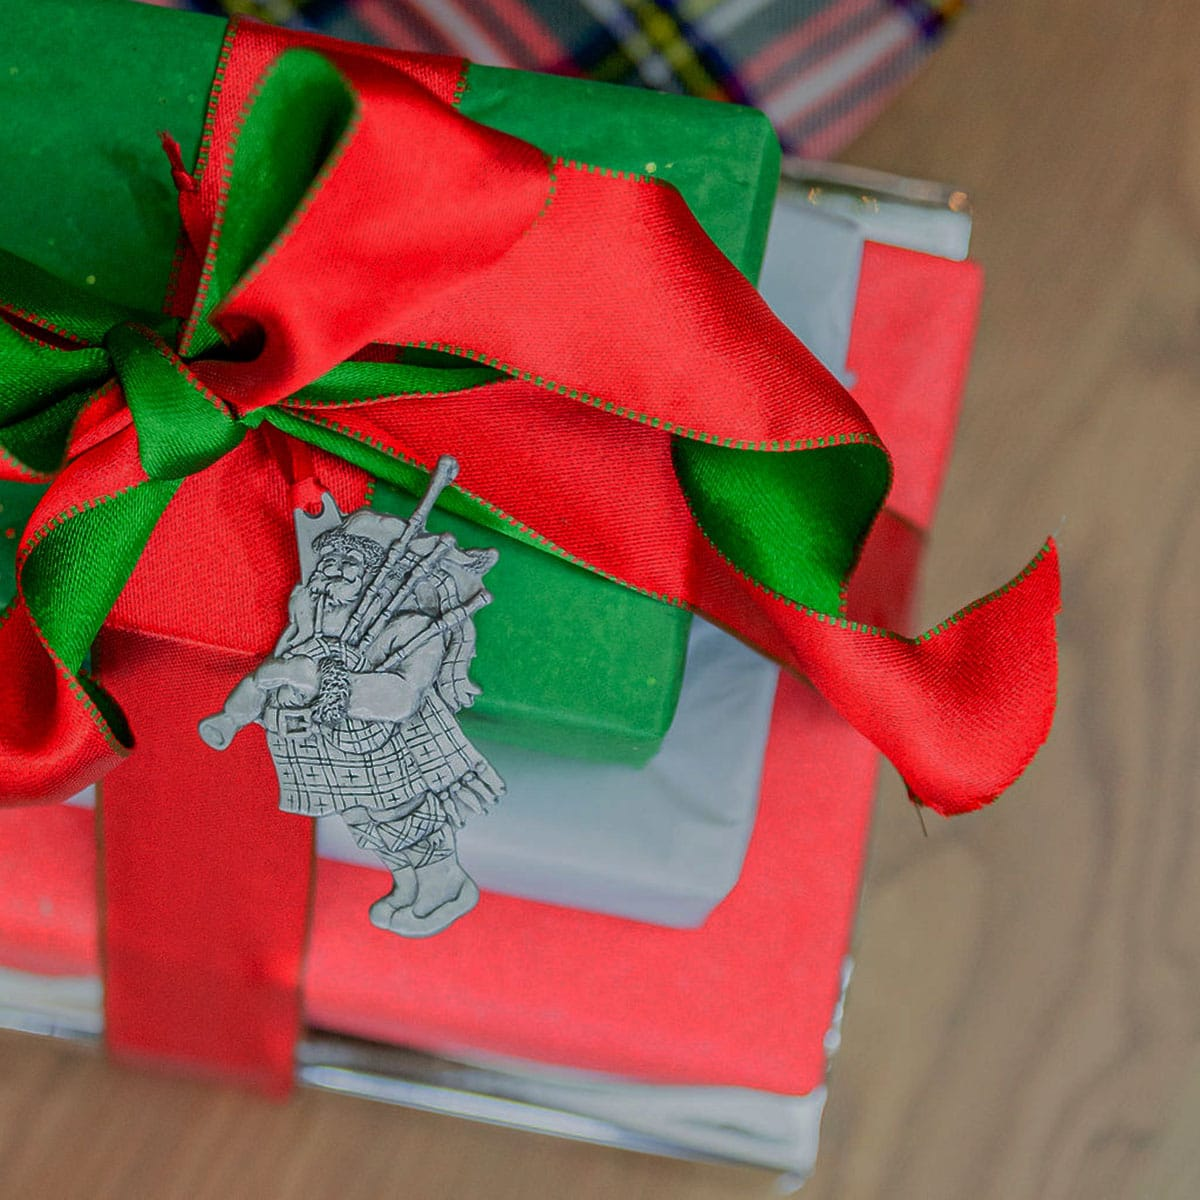 Bagpiping Santa Ornament